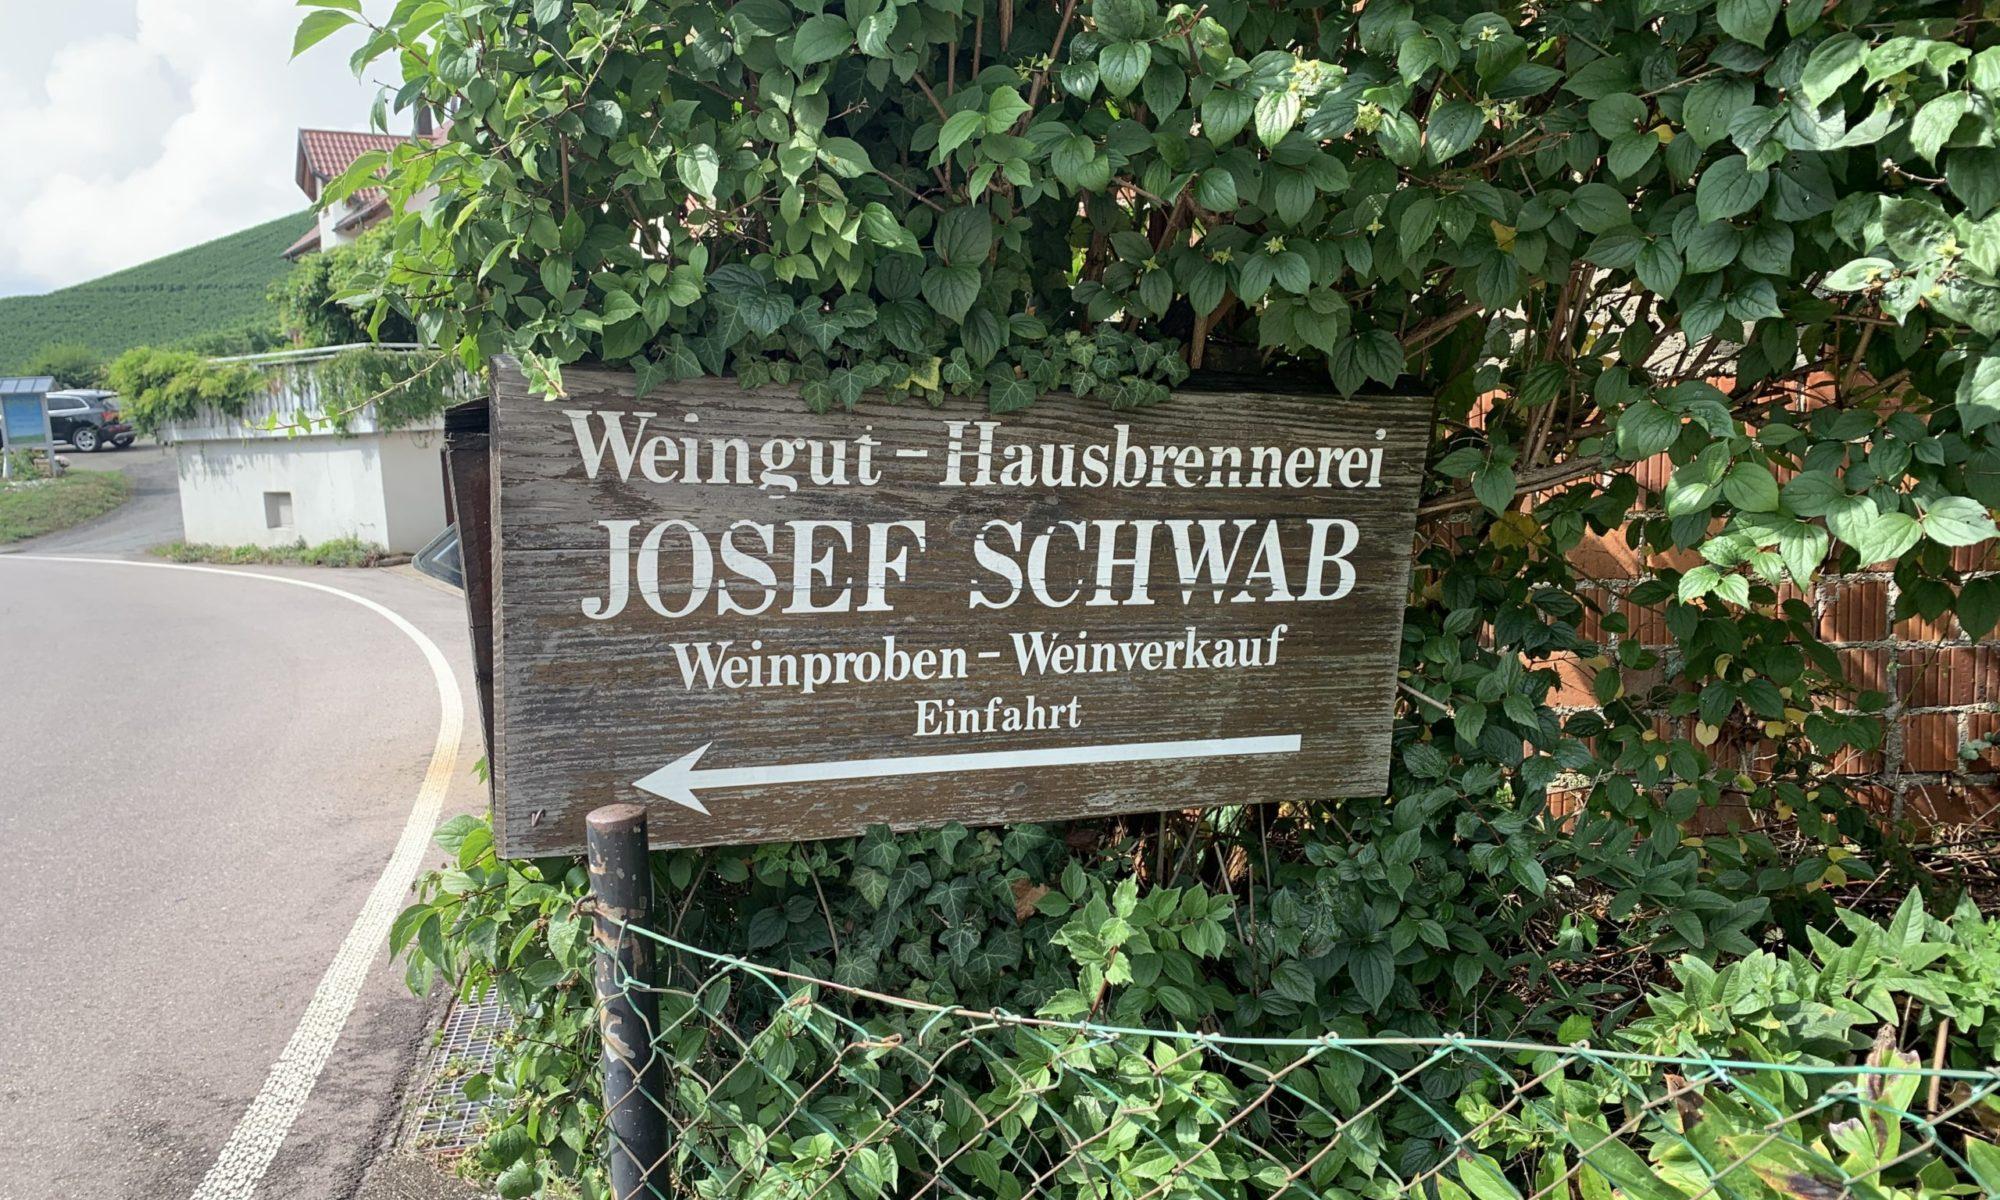 Weingut Josef Schwab Durbach